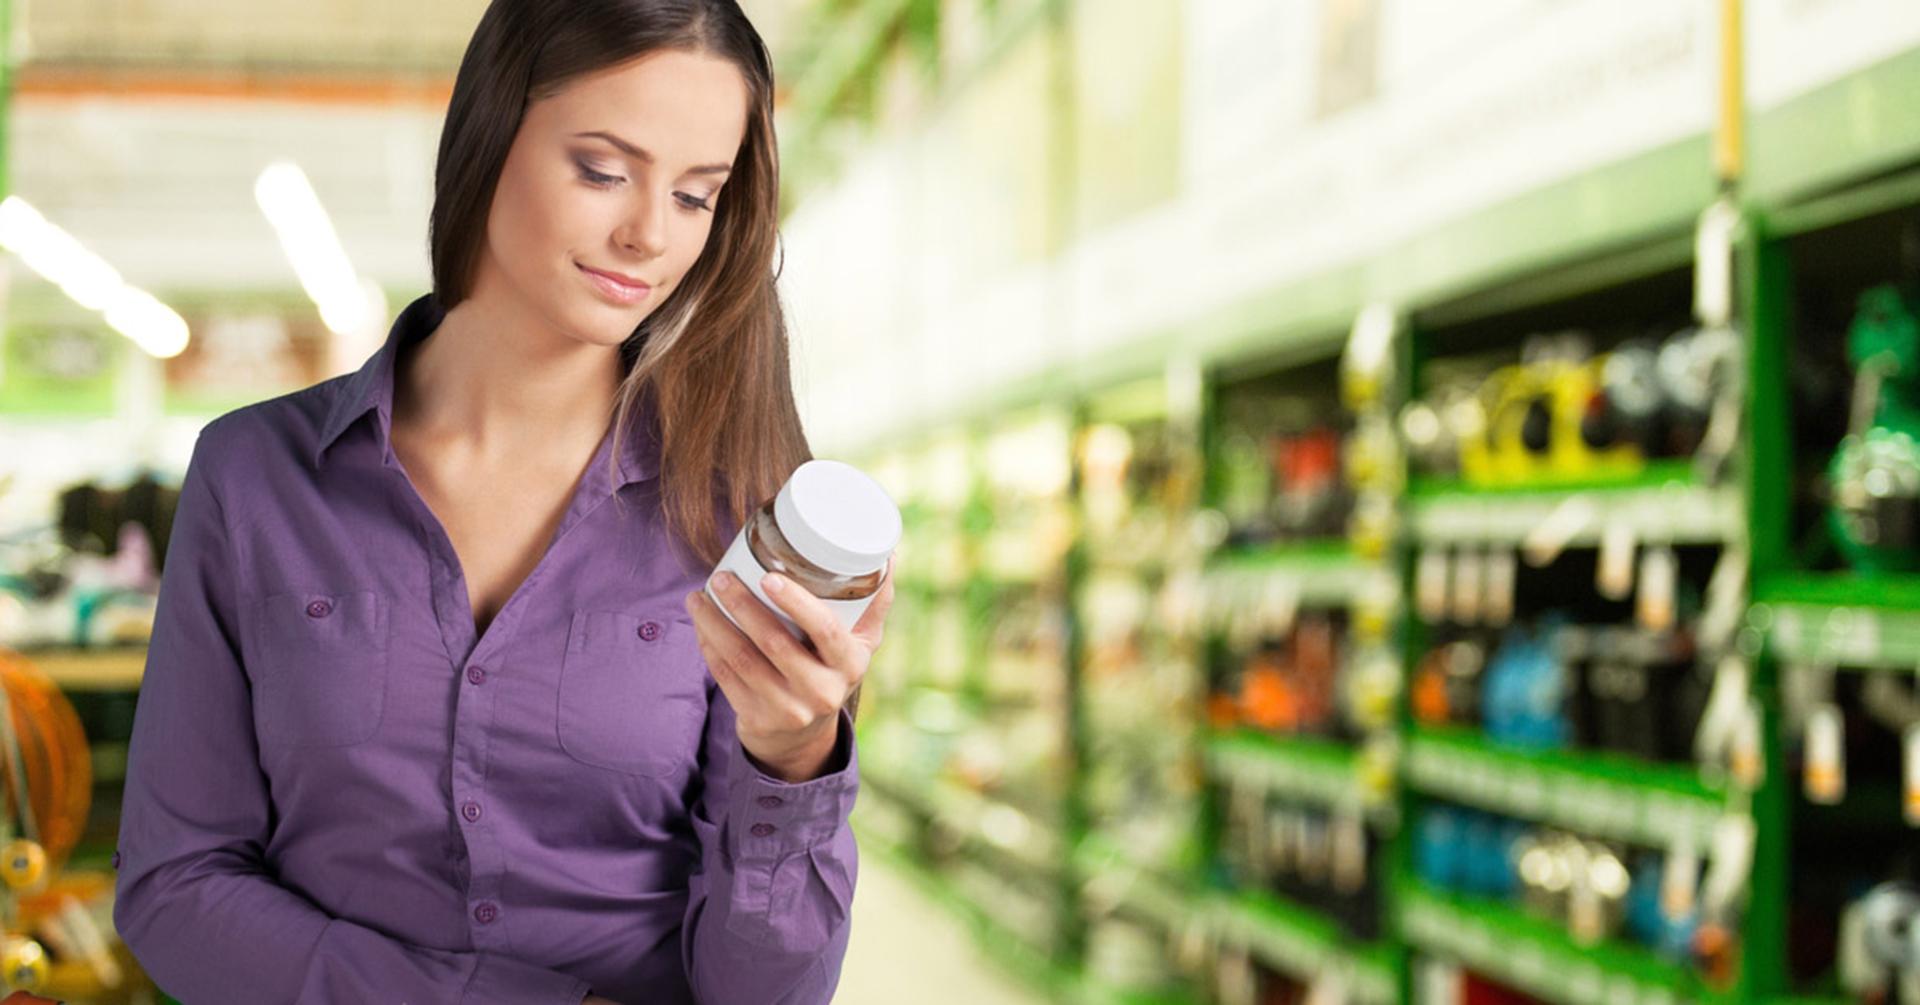 leggere etichette alimentari